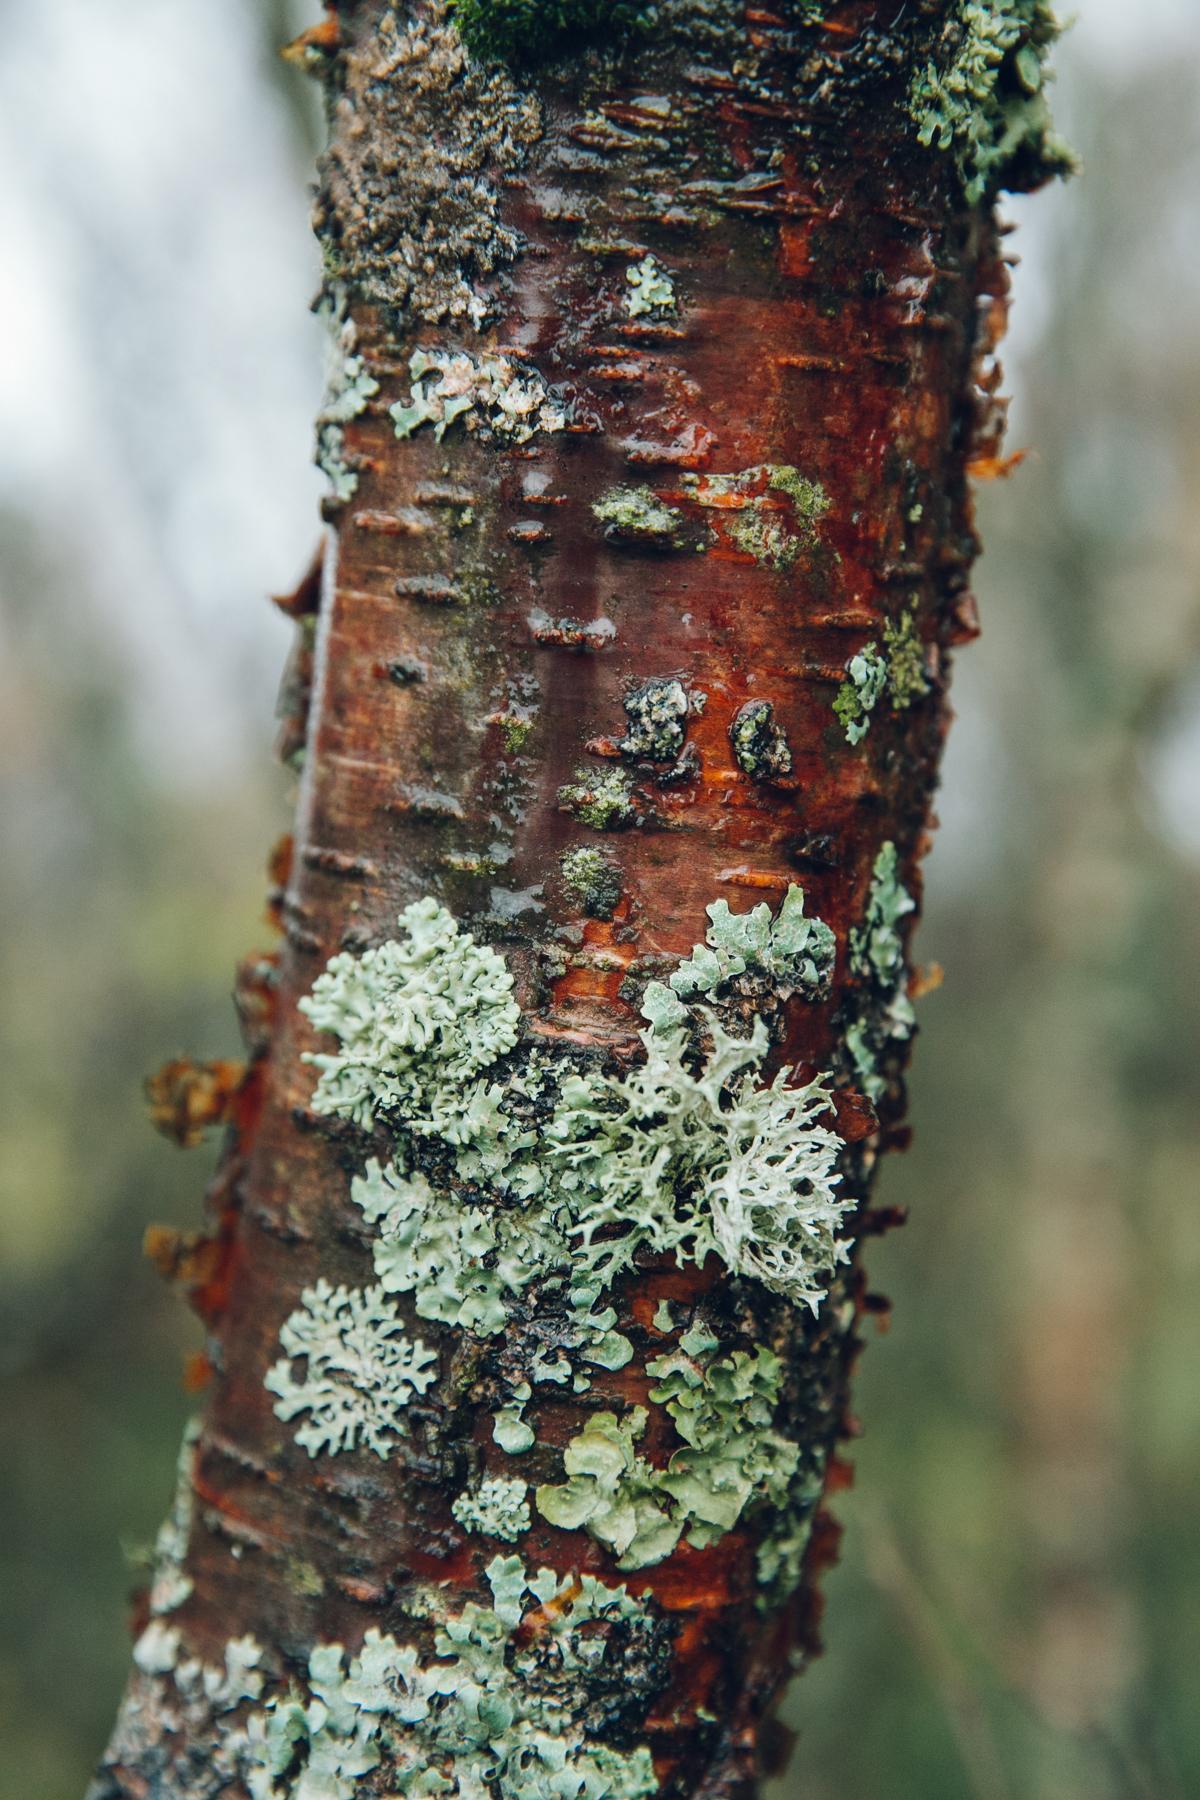 Lichen on birch bark.